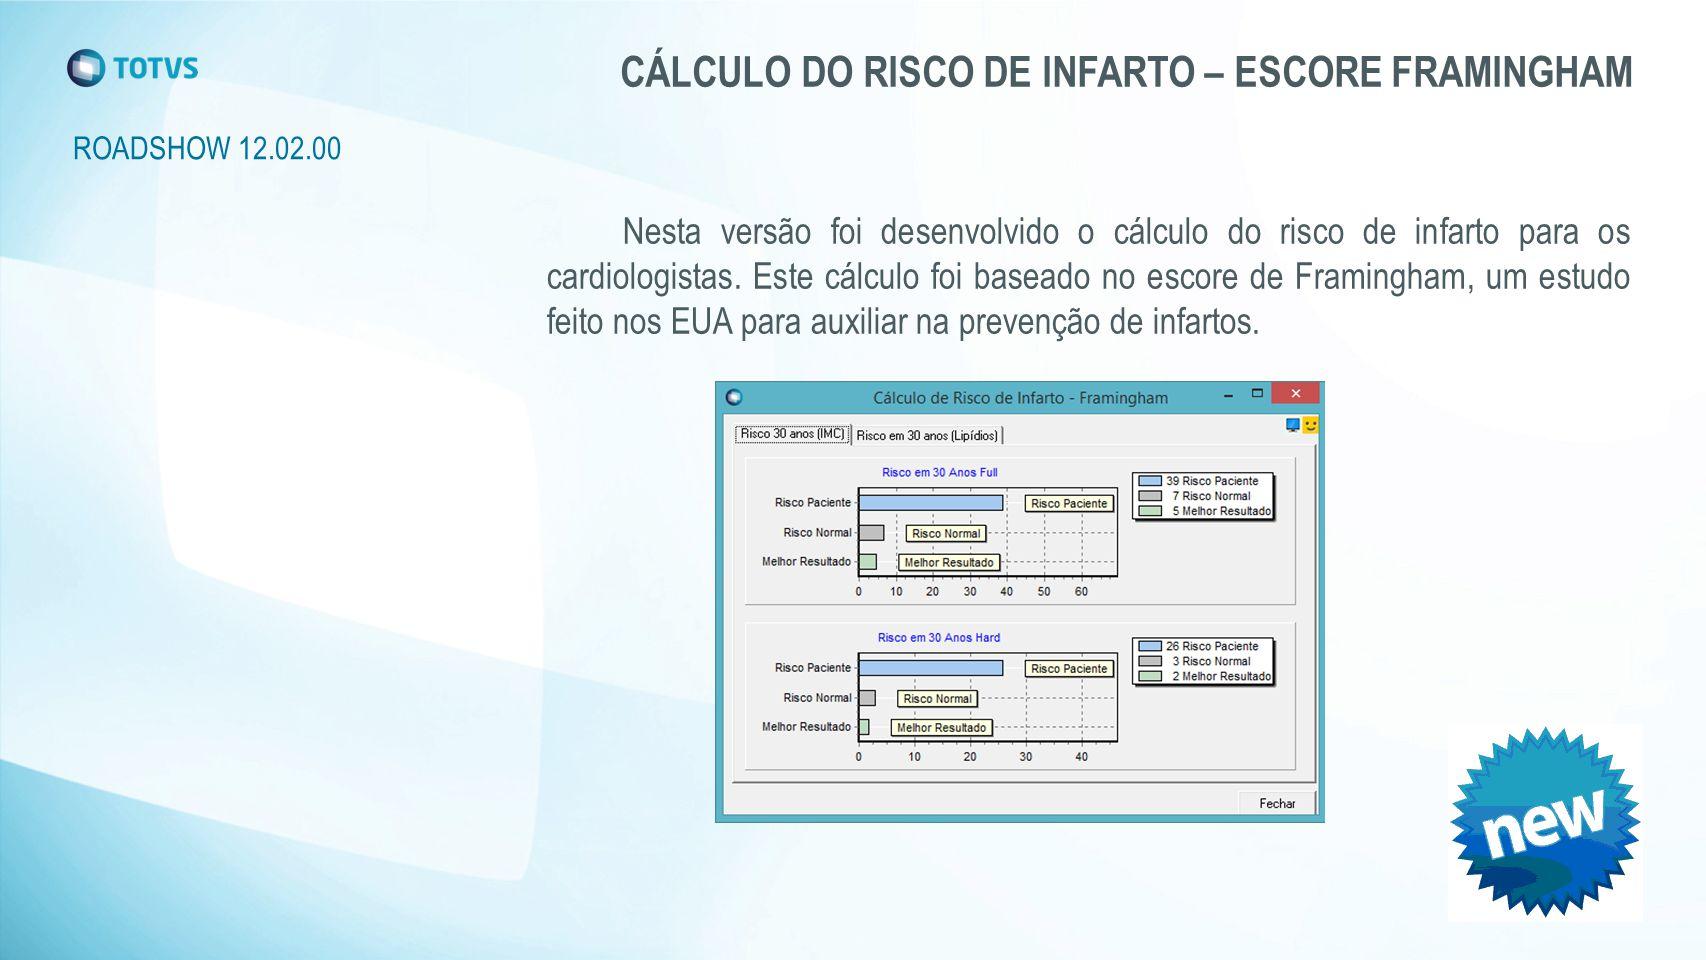 ROADSHOW 12.02.00 CÁLCULO DO RISCO DE INFARTO – ESCORE FRAMINGHAM Nesta versão foi desenvolvido o cálculo do risco de infarto para os cardiologistas.